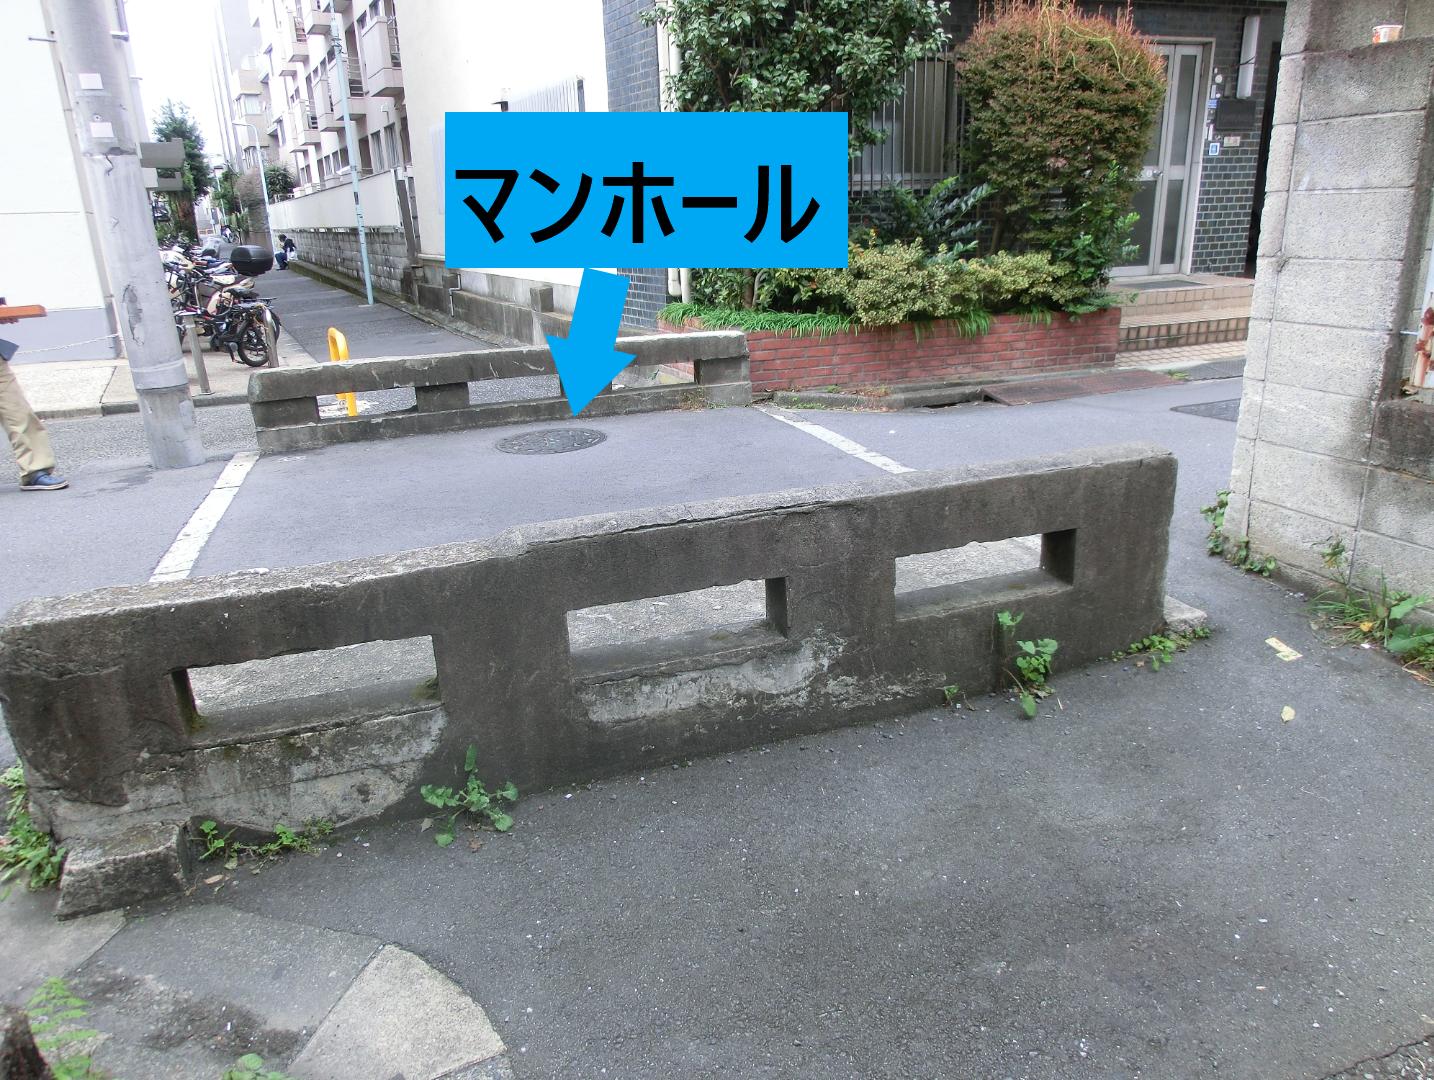 初台橋1 代々木八幡・初台・西原・大山散策記事2